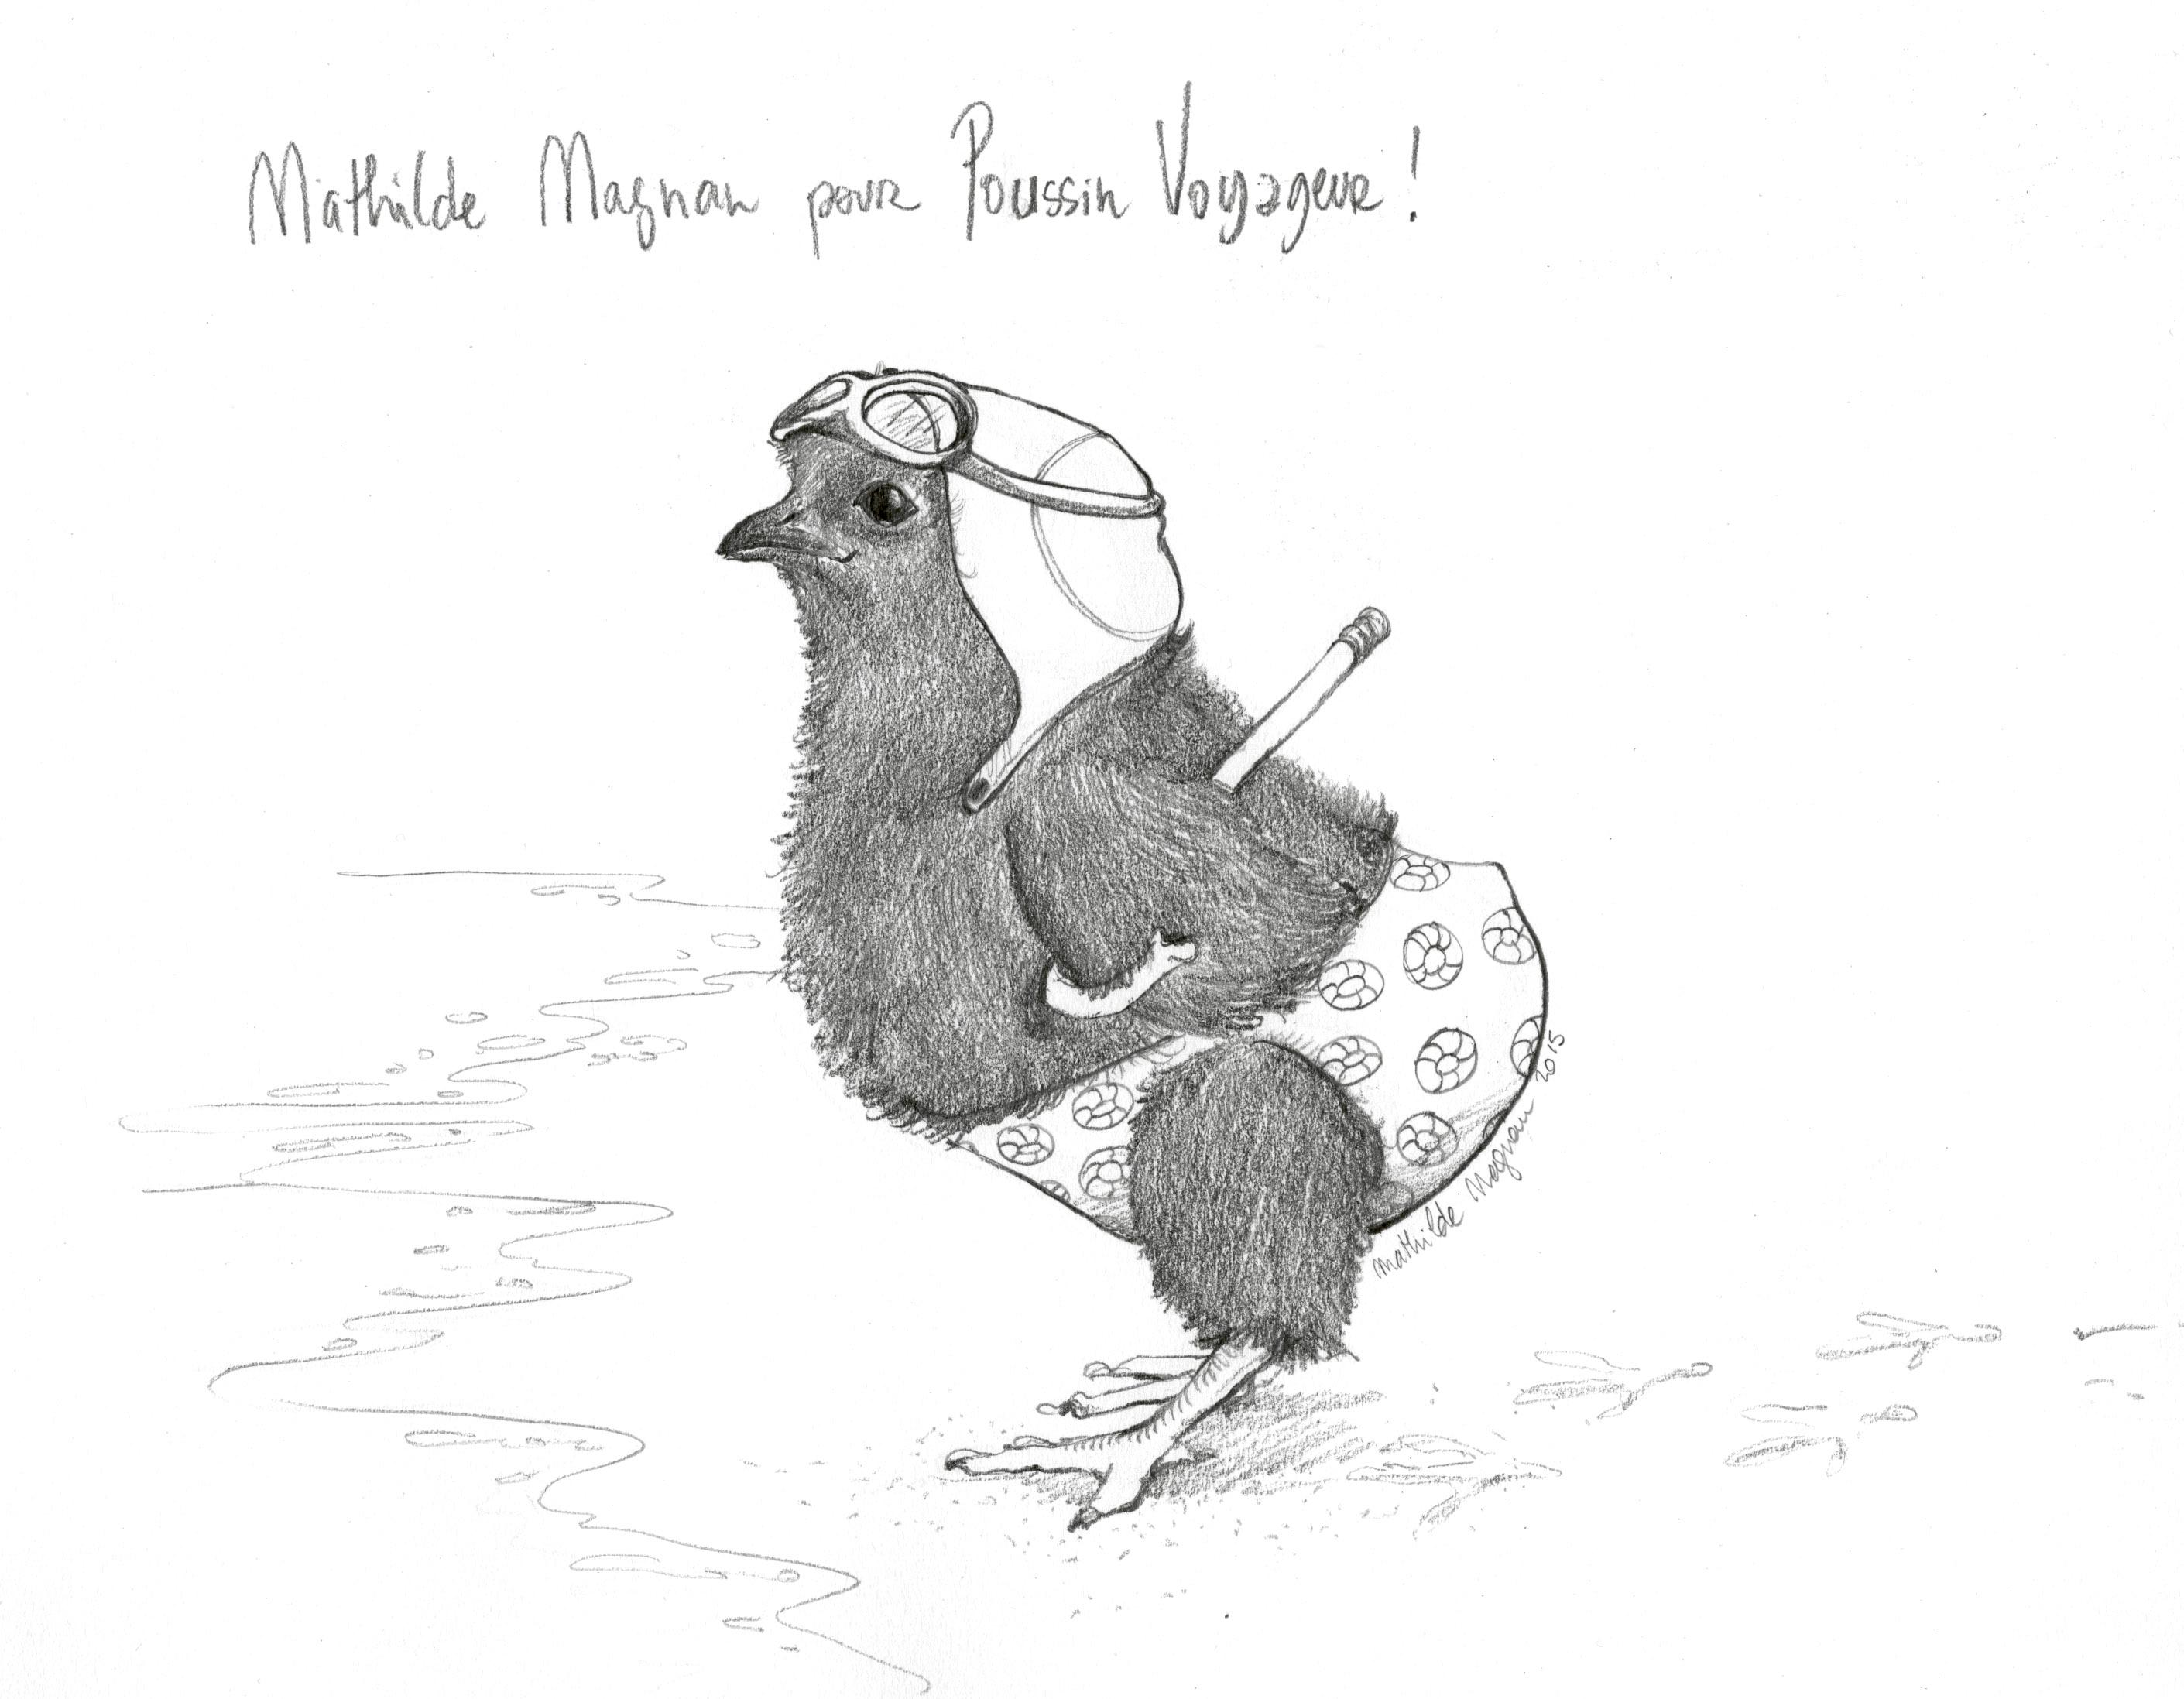 Avec Mathilde Magnan, Poussin Voyageur va faire trempette !